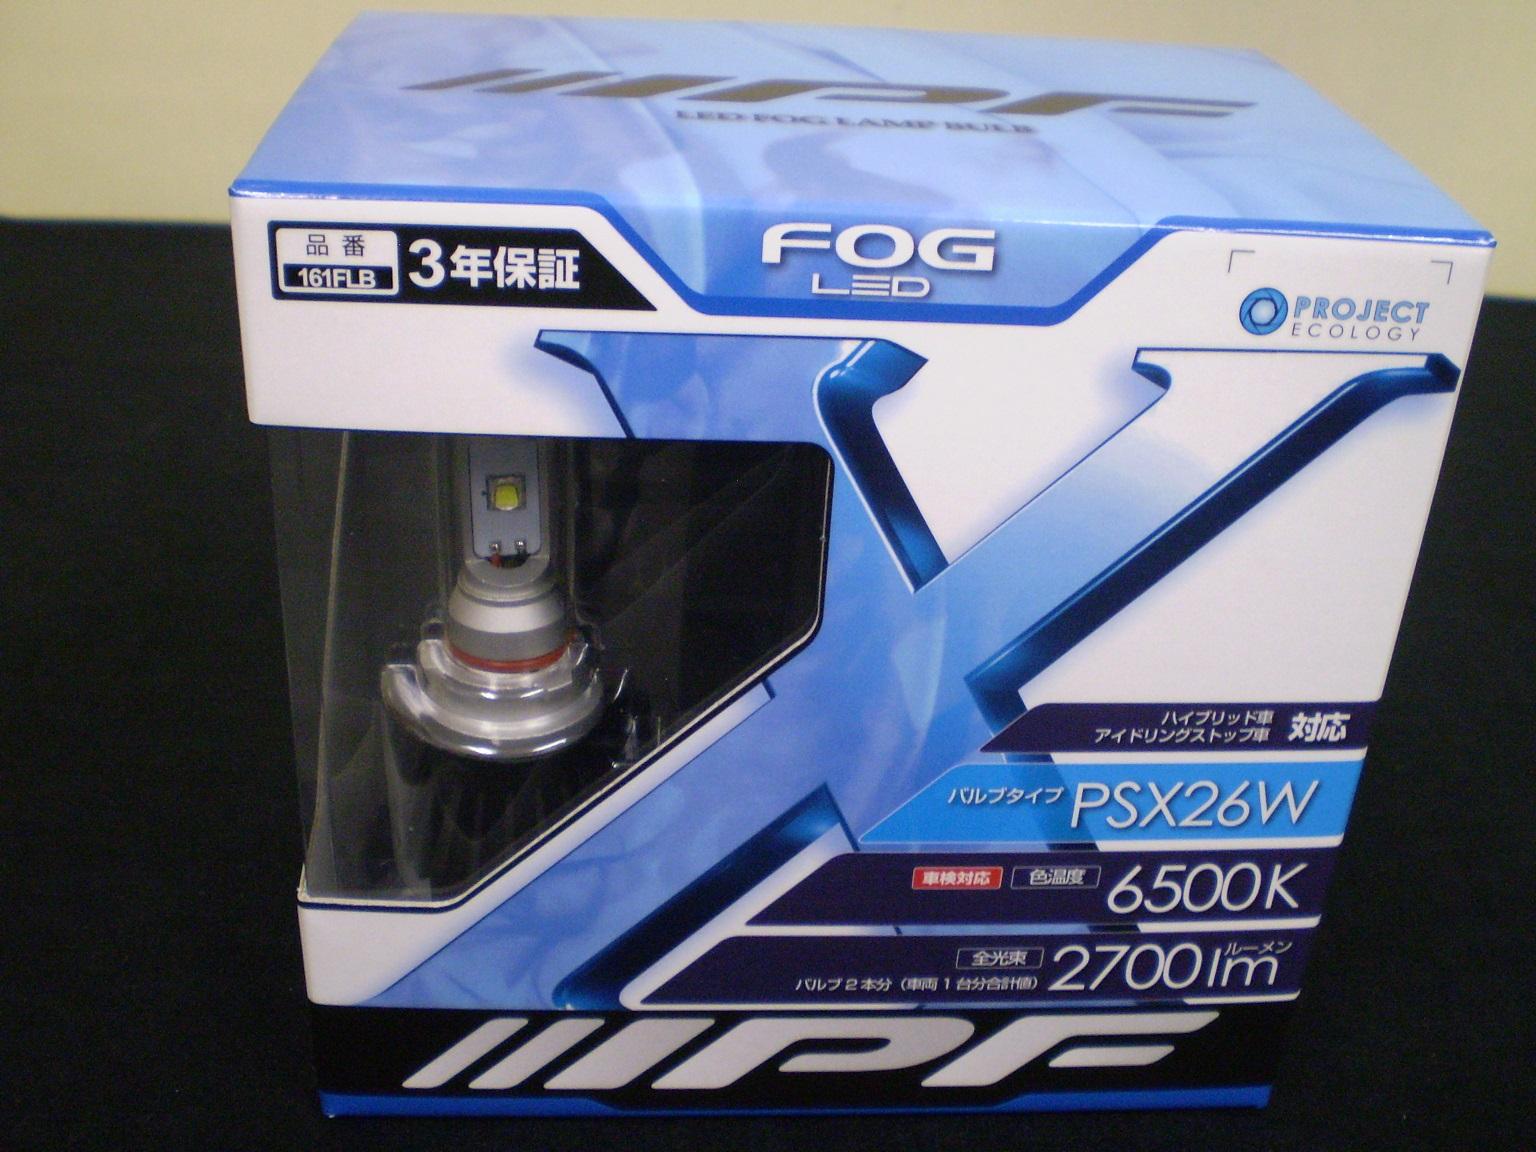 IPF LED フォグ ライト 6500K PSX26W 161FLB 2700ルーメン 車検対応 3年保証 led フォグ ライト【 02P05Nov16 】